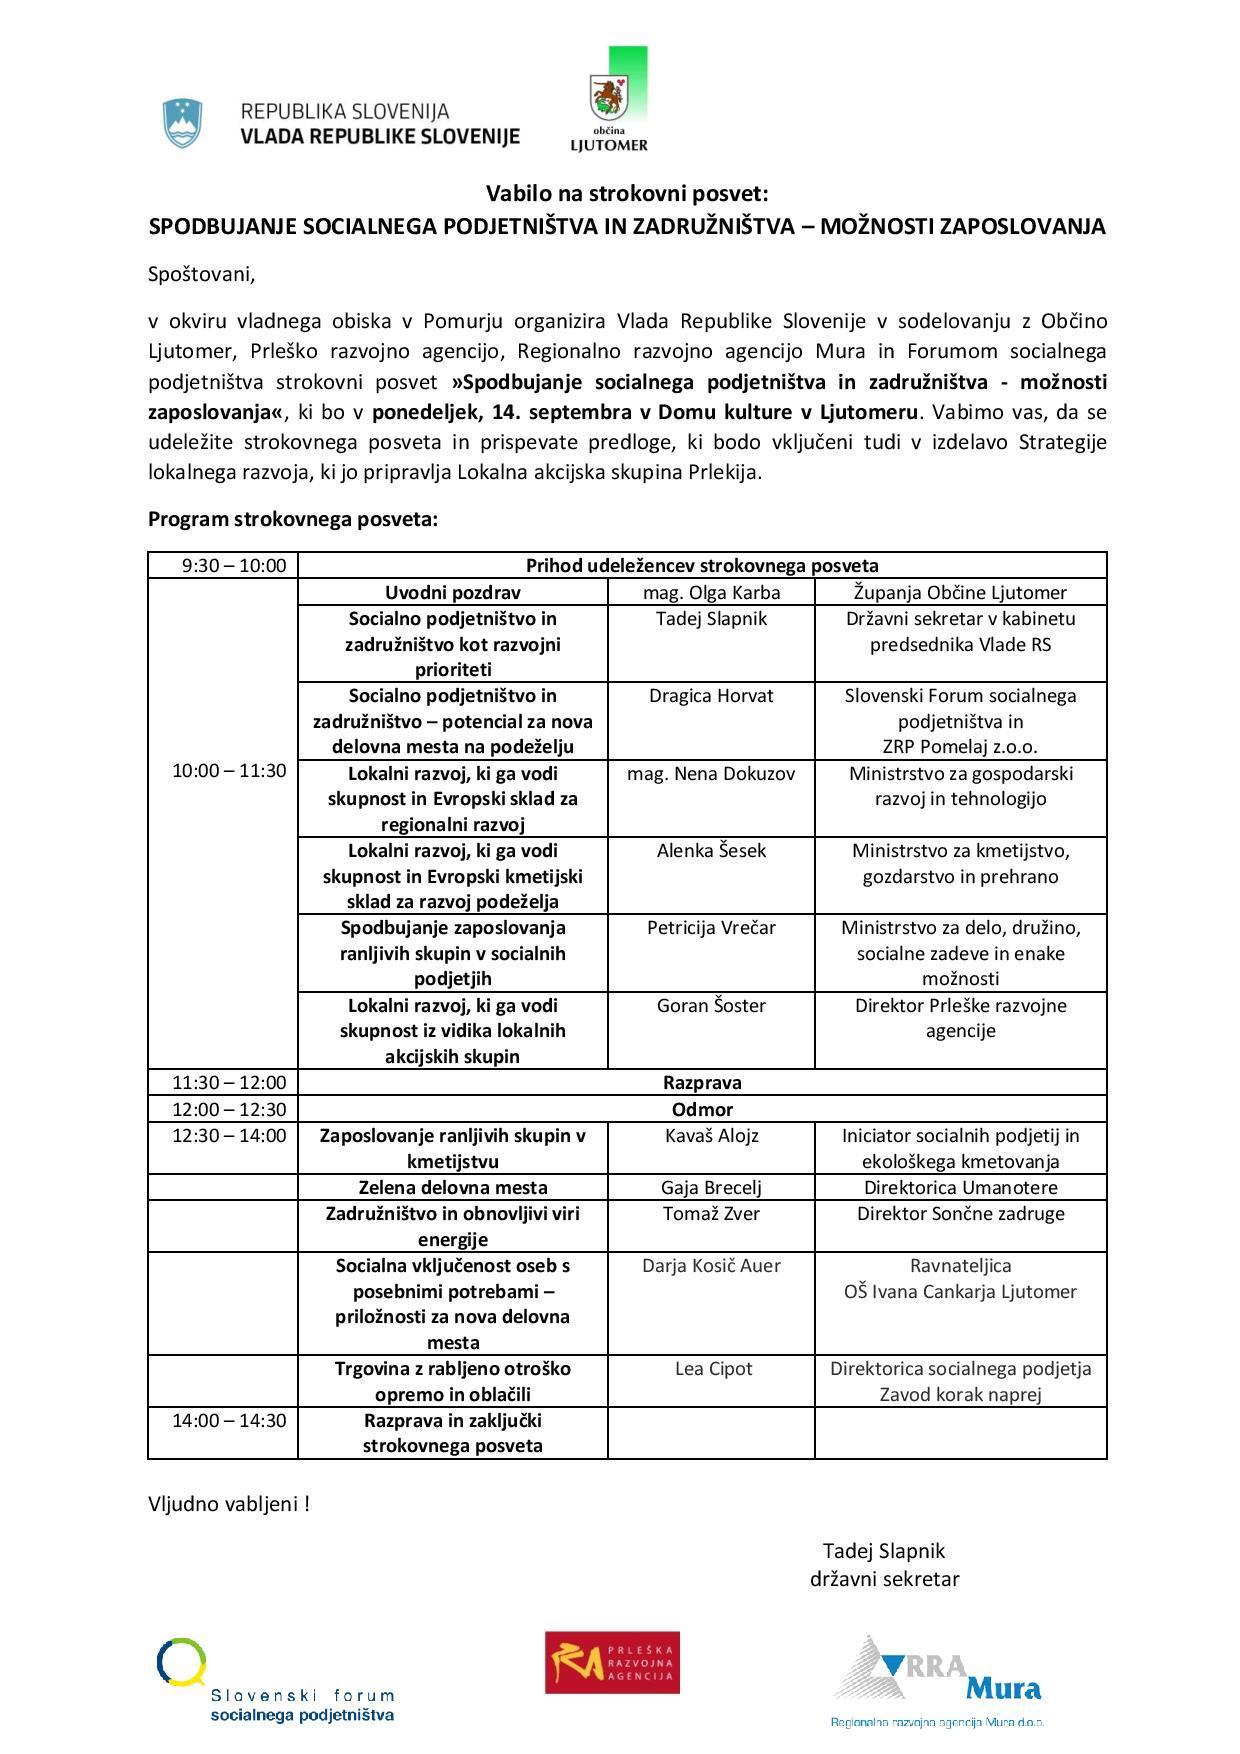 Vabilo na strokovni posvet Spodbujanje socialnega podjetništva in zadružništva - možnosti zaposlovanja (2)-page-001